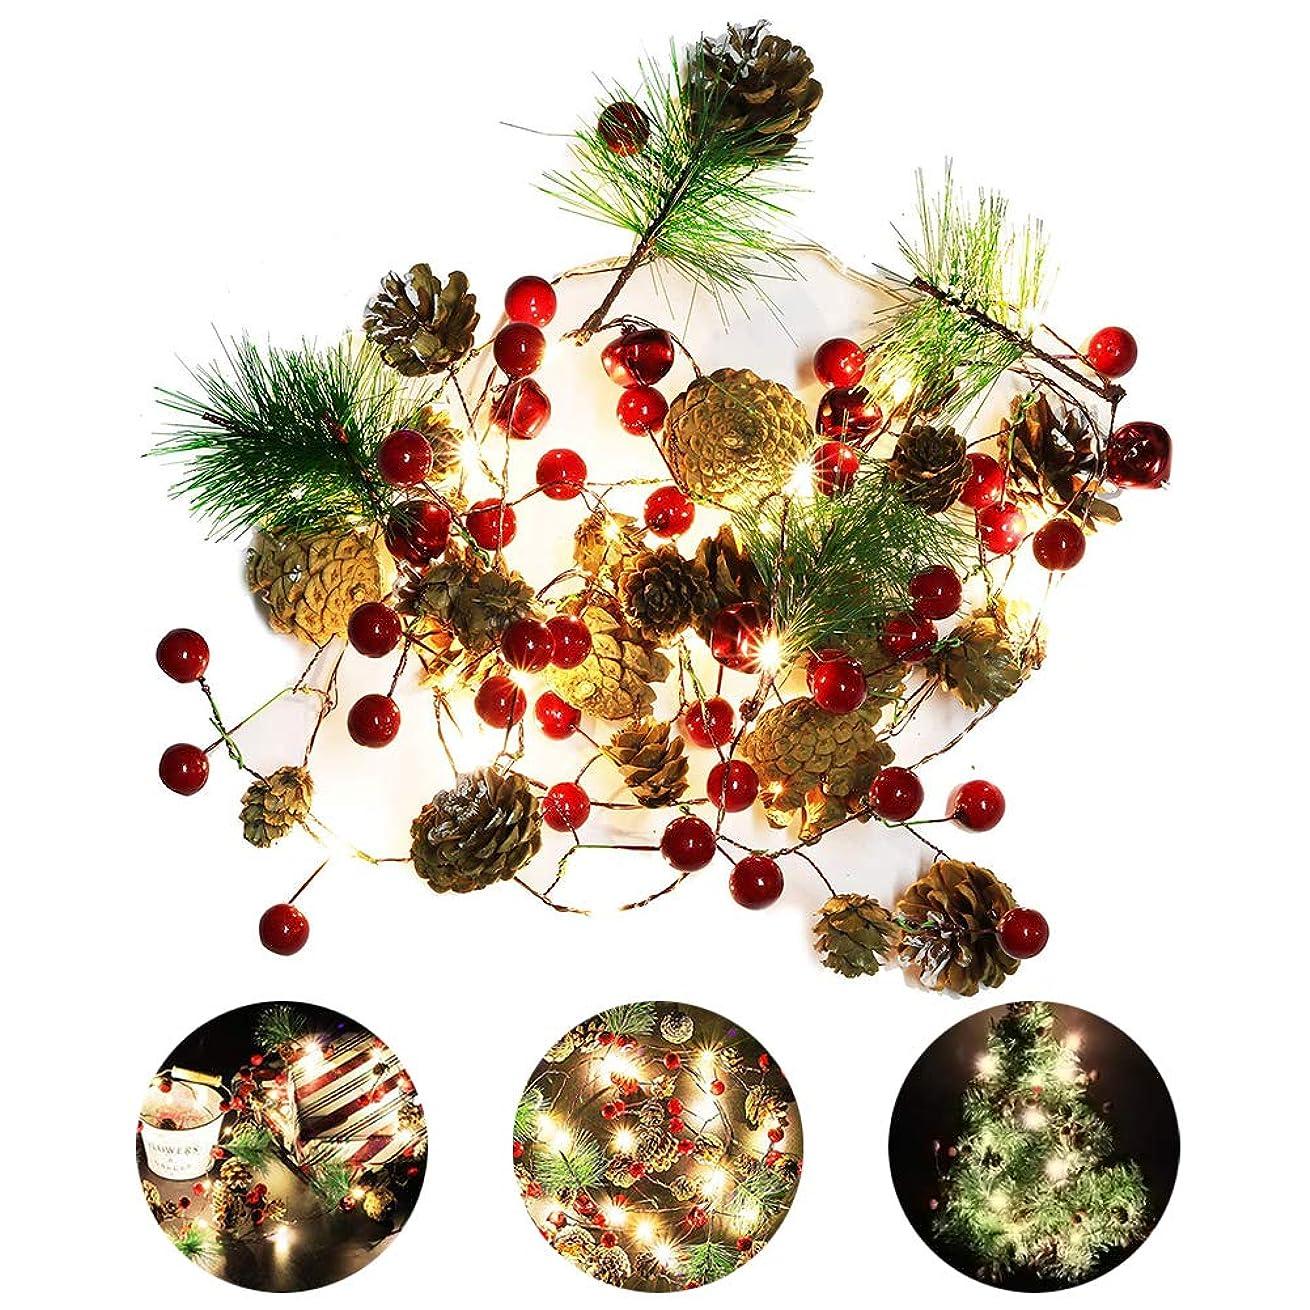 洗う返還適度にCreacom クリスマス飾りライト クリスマスデコレーション クリスマスツリー 松ぼっくりストリングライト 20LED 松ぼっくりガーランドライト 赤ベリークリスマスツリ 装飾ランプ 電池式 自宅 屋内 屋外 ガーデンゲート用